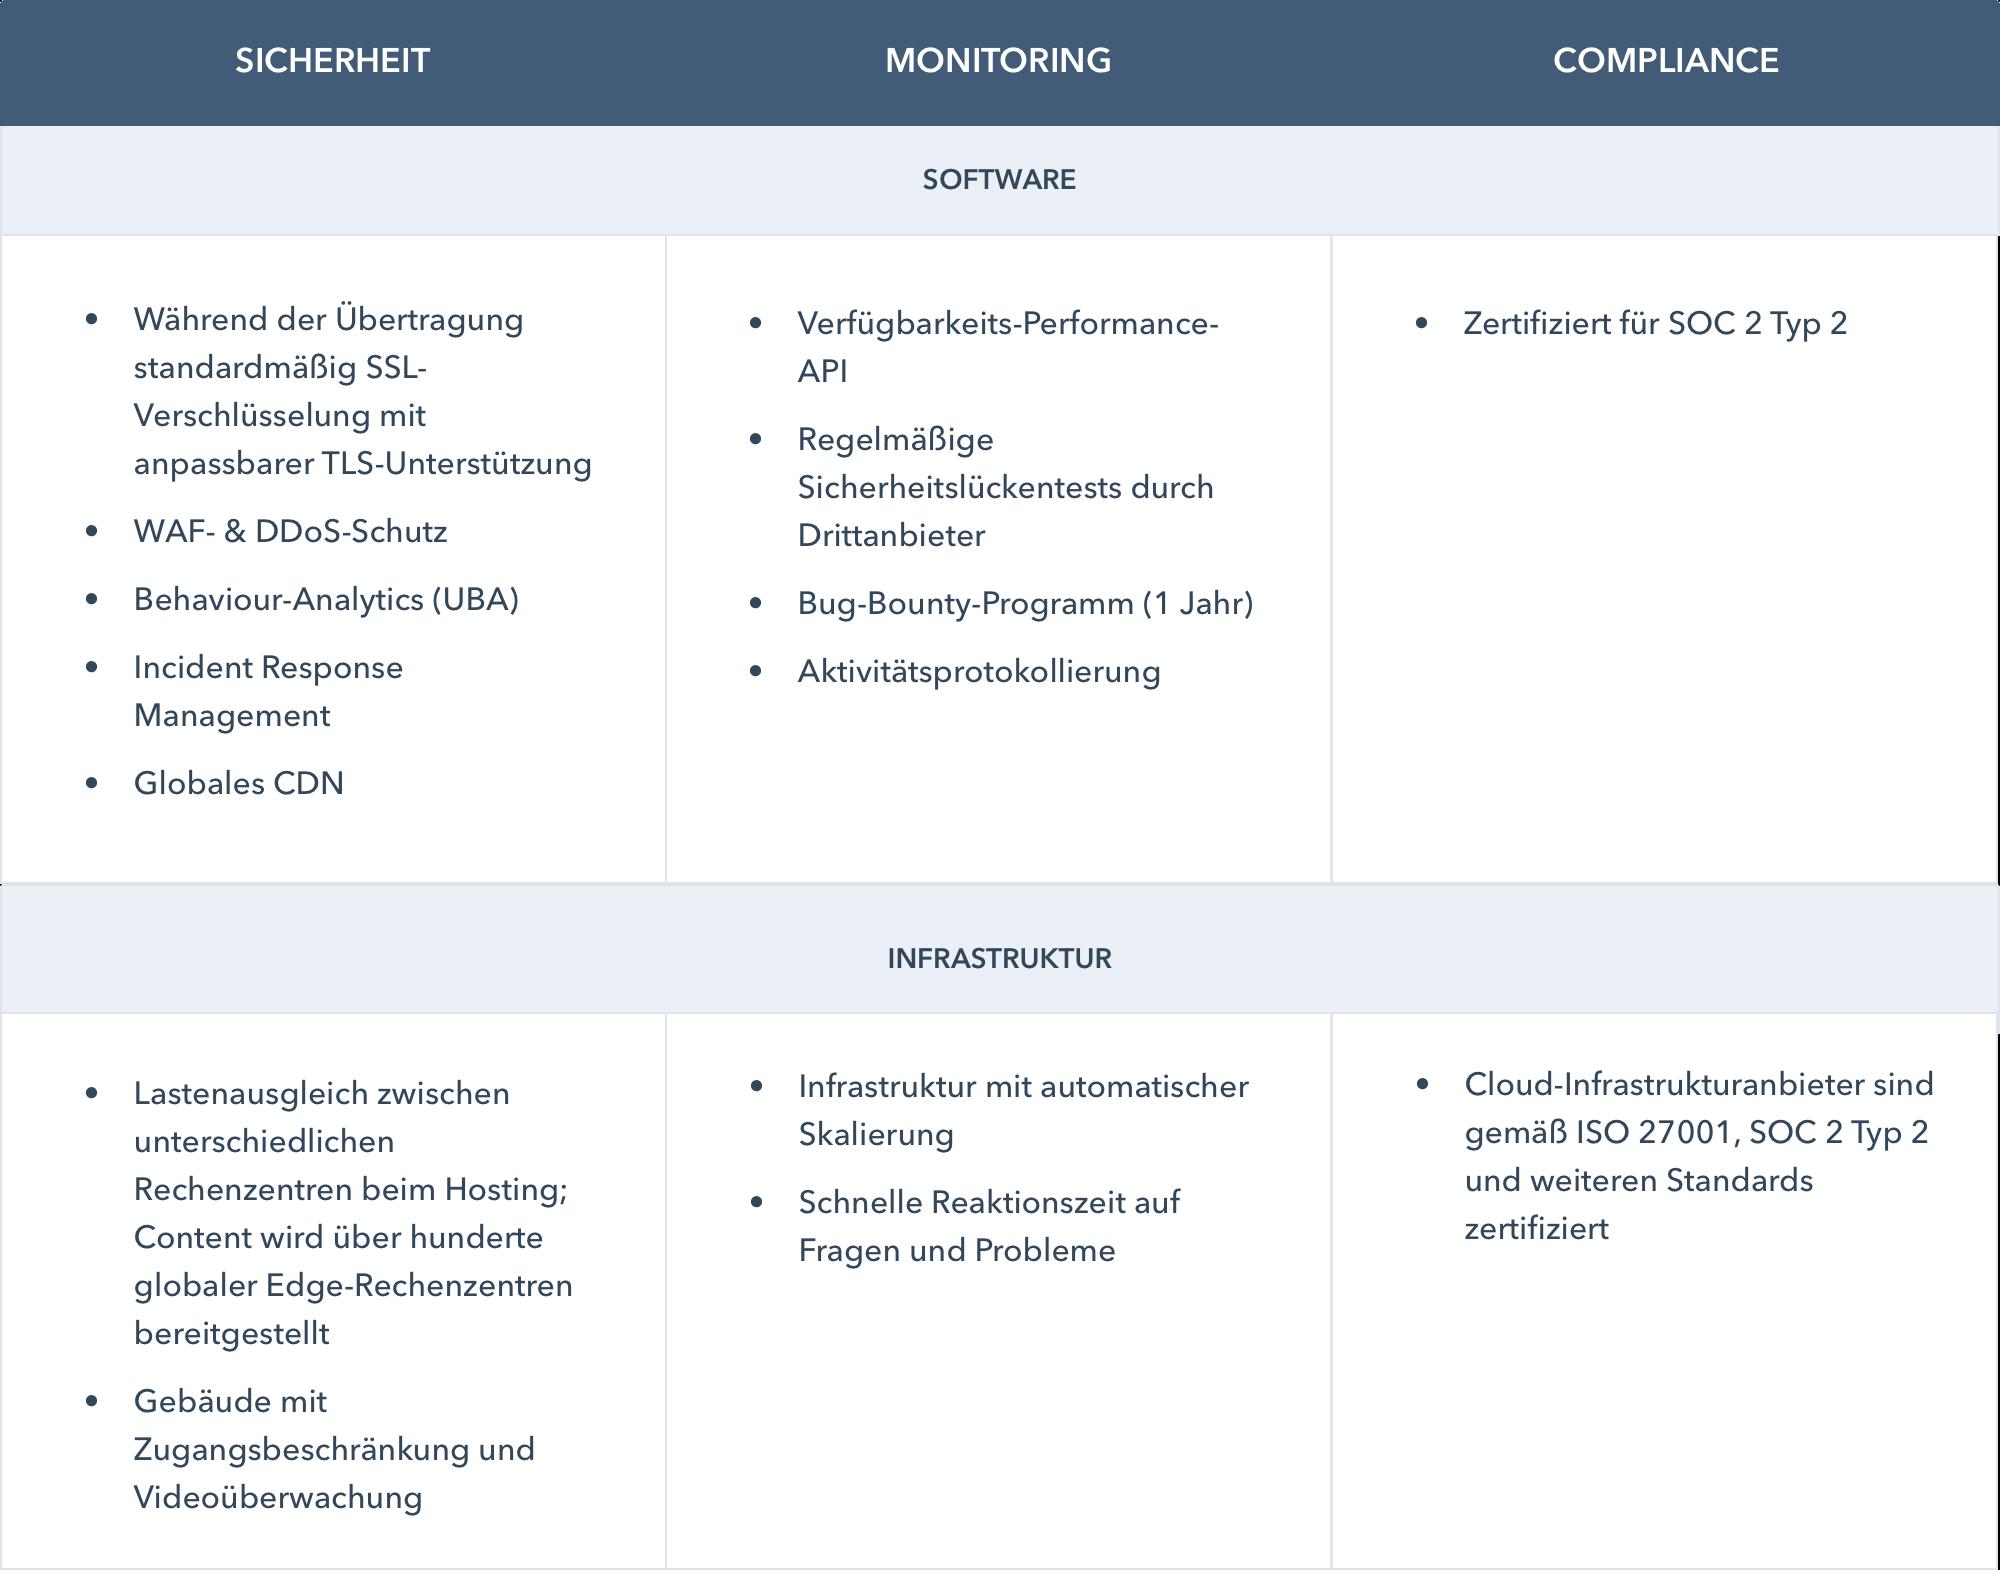 sicherheit - monitoring - compliance des hubspot cms hosting im überblick